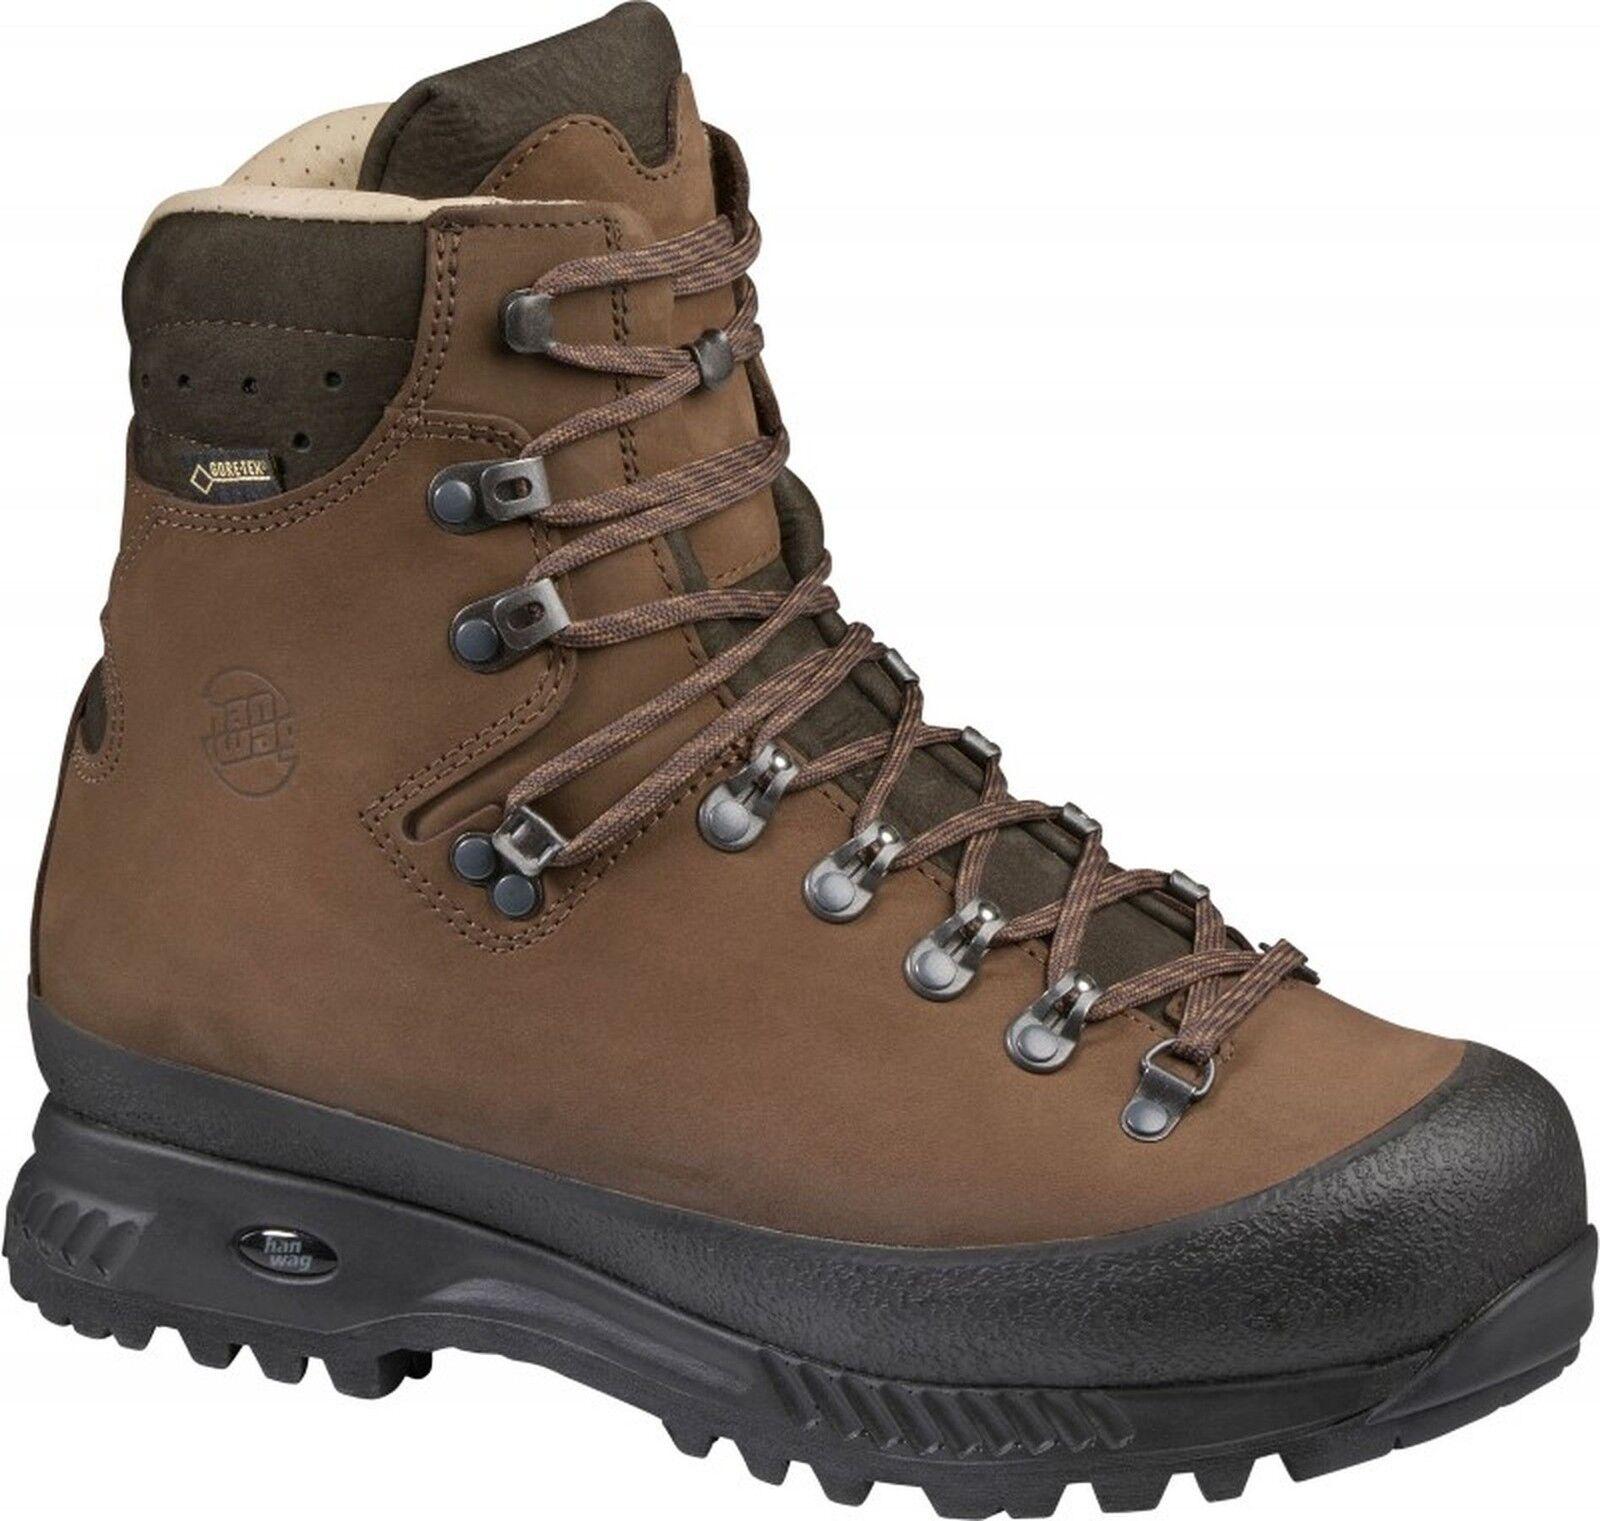 Hanwag botas de  Trekking Alaska Wide GTX más Amplio Hacer Tamaño 7,5-41,5  Garantía 100% de ajuste